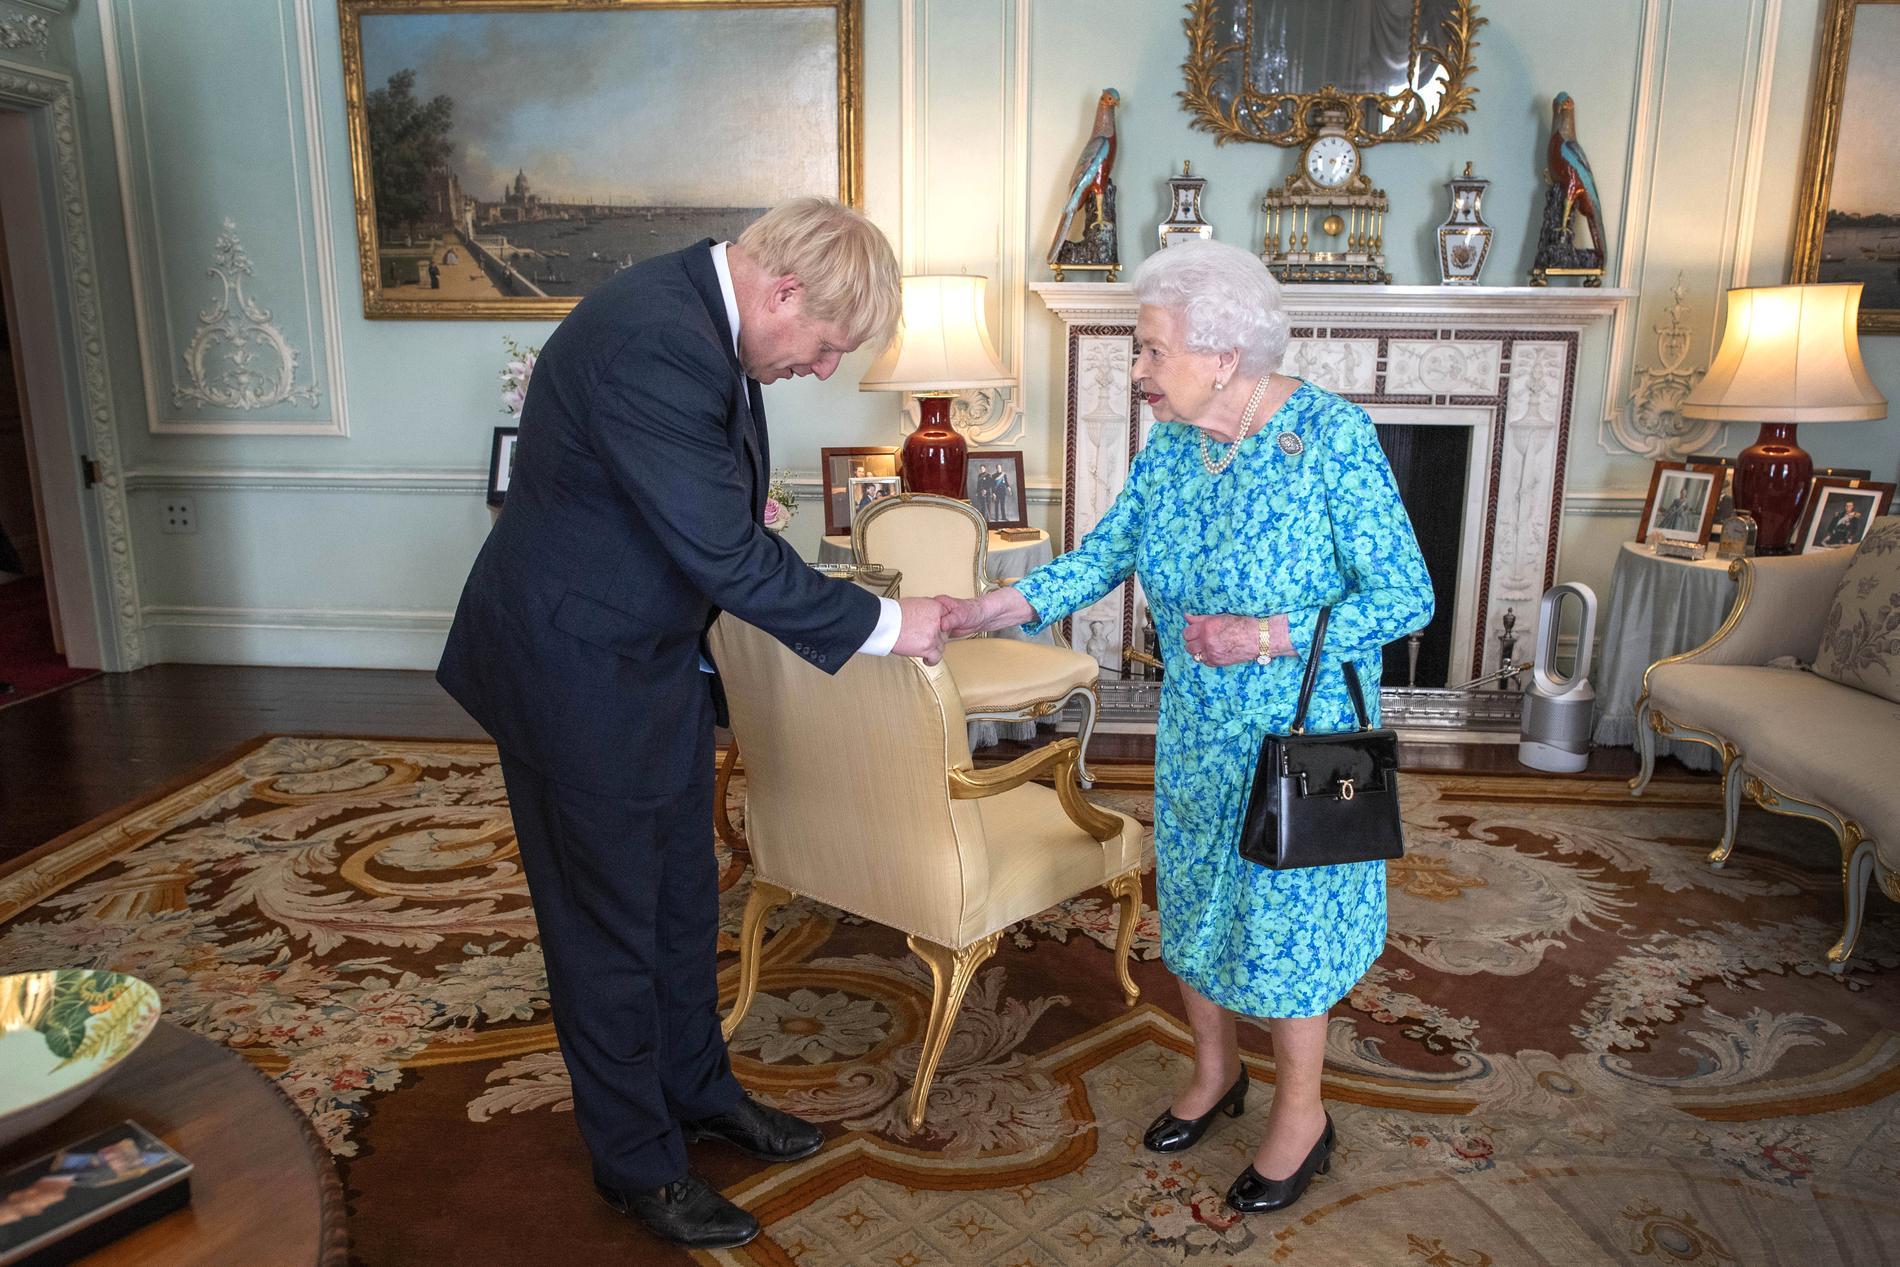 Boris Johnson välkomnas som premiärminister av drottning Elizabeth II.